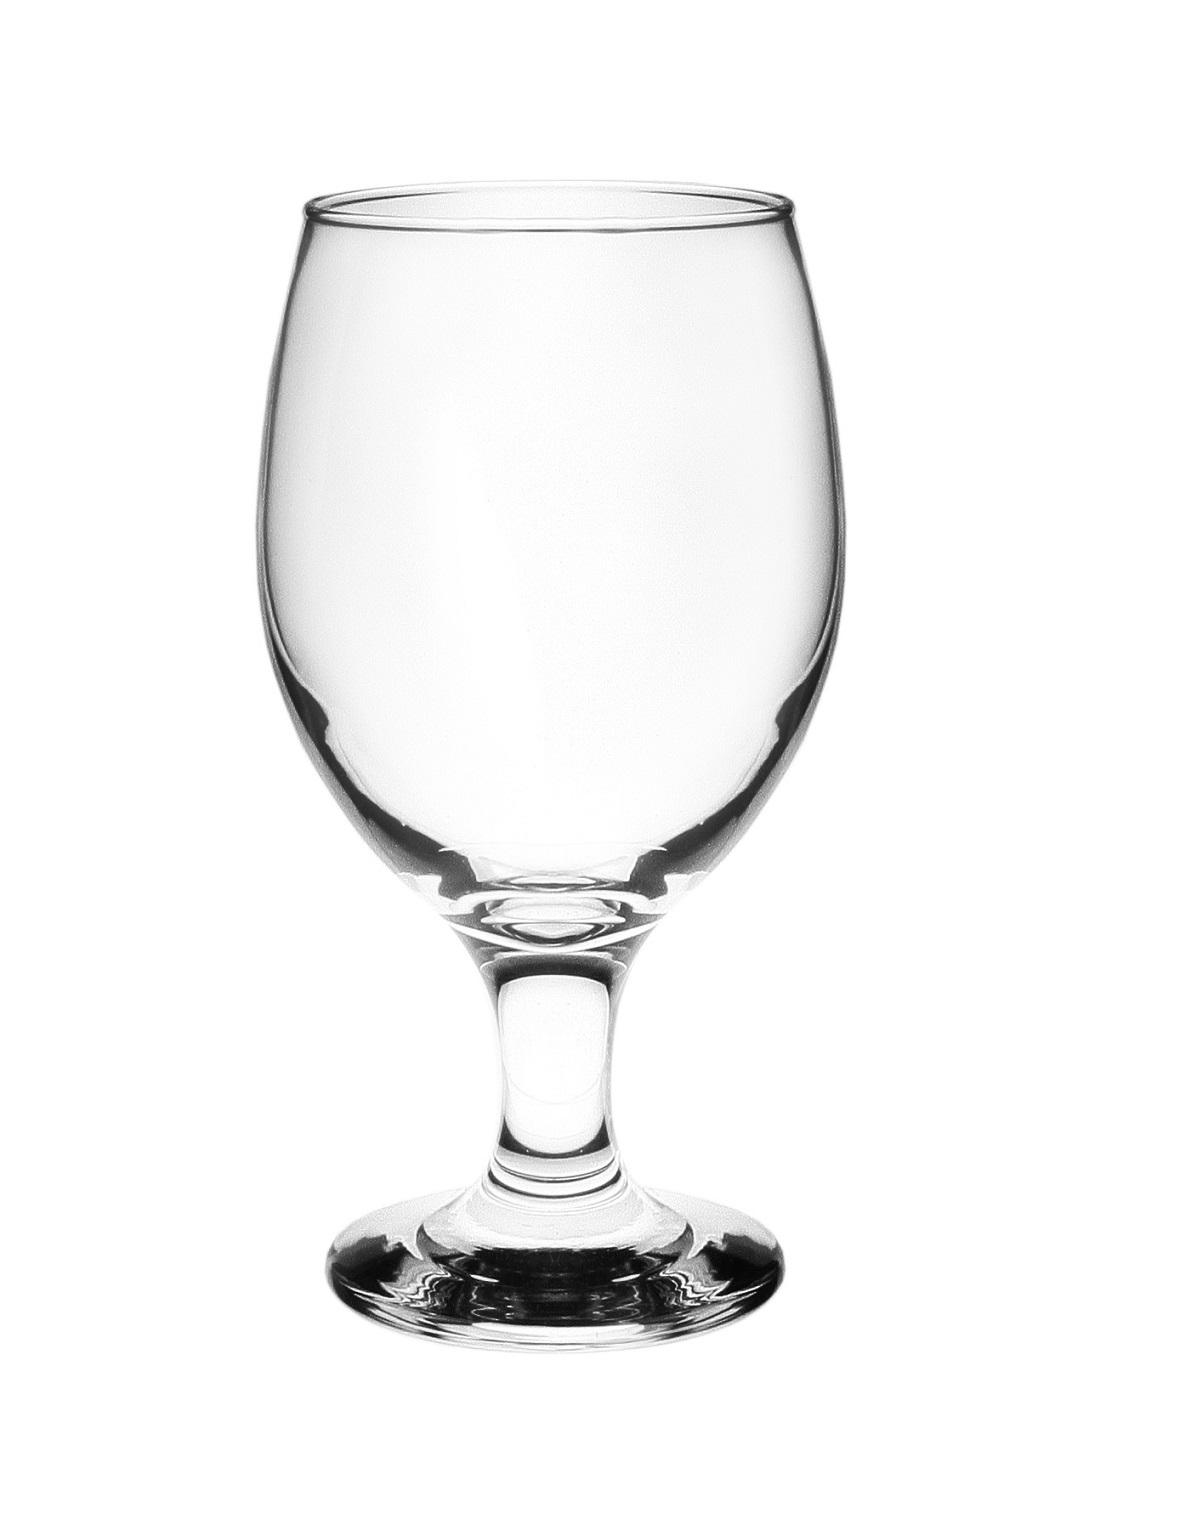 GLASMARK Sklenice Pokal - 360 ml